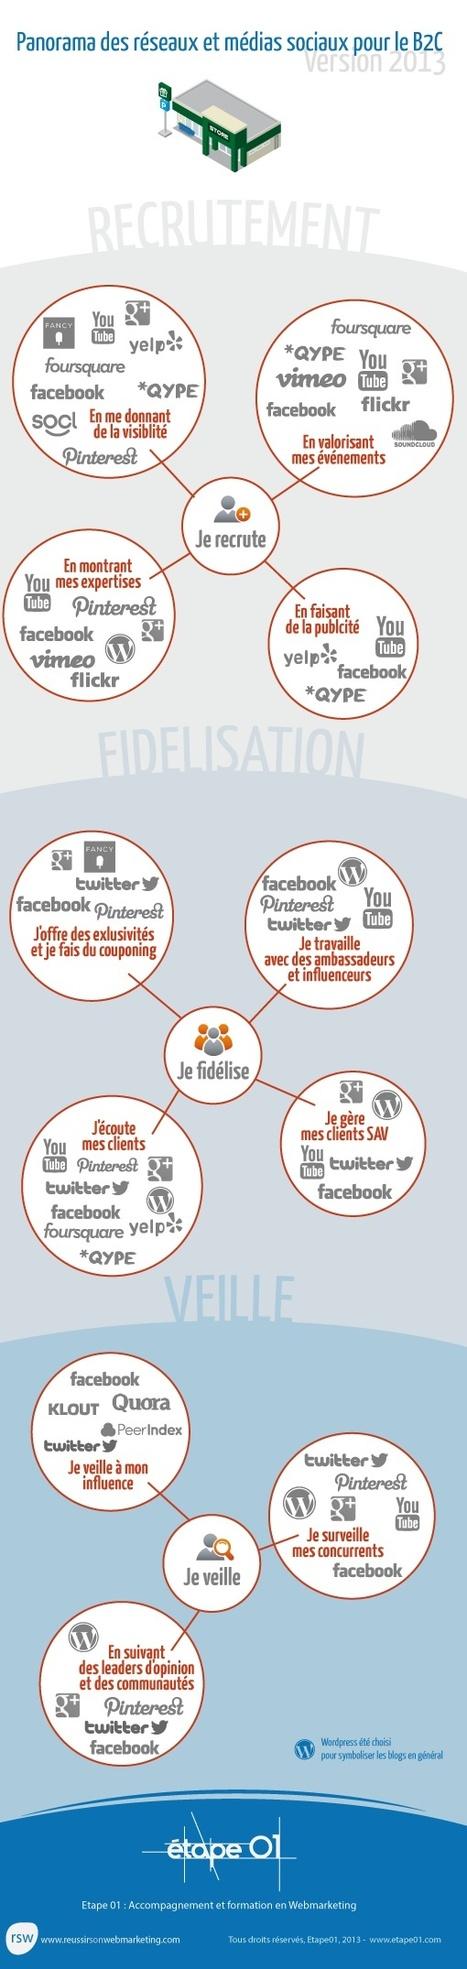 Panorama des réseaux sociaux 2013 pour le B2C | Reseaux sociaux | Scoop.it